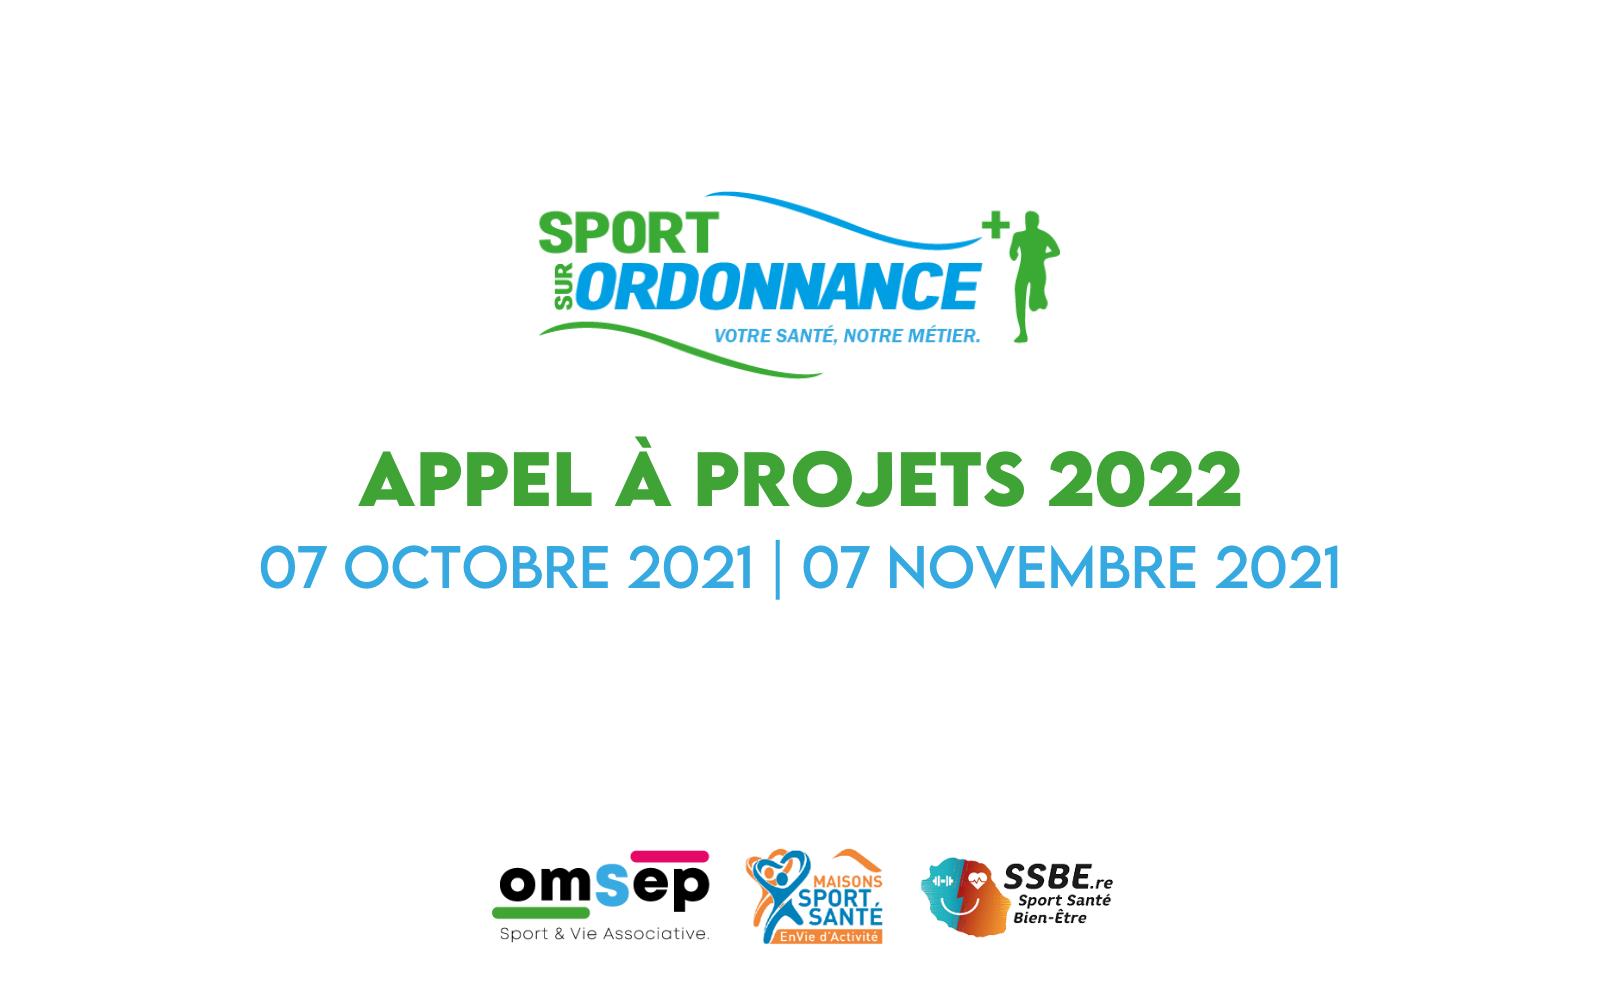 Appel à projets Sport sur Ordonnance 2022